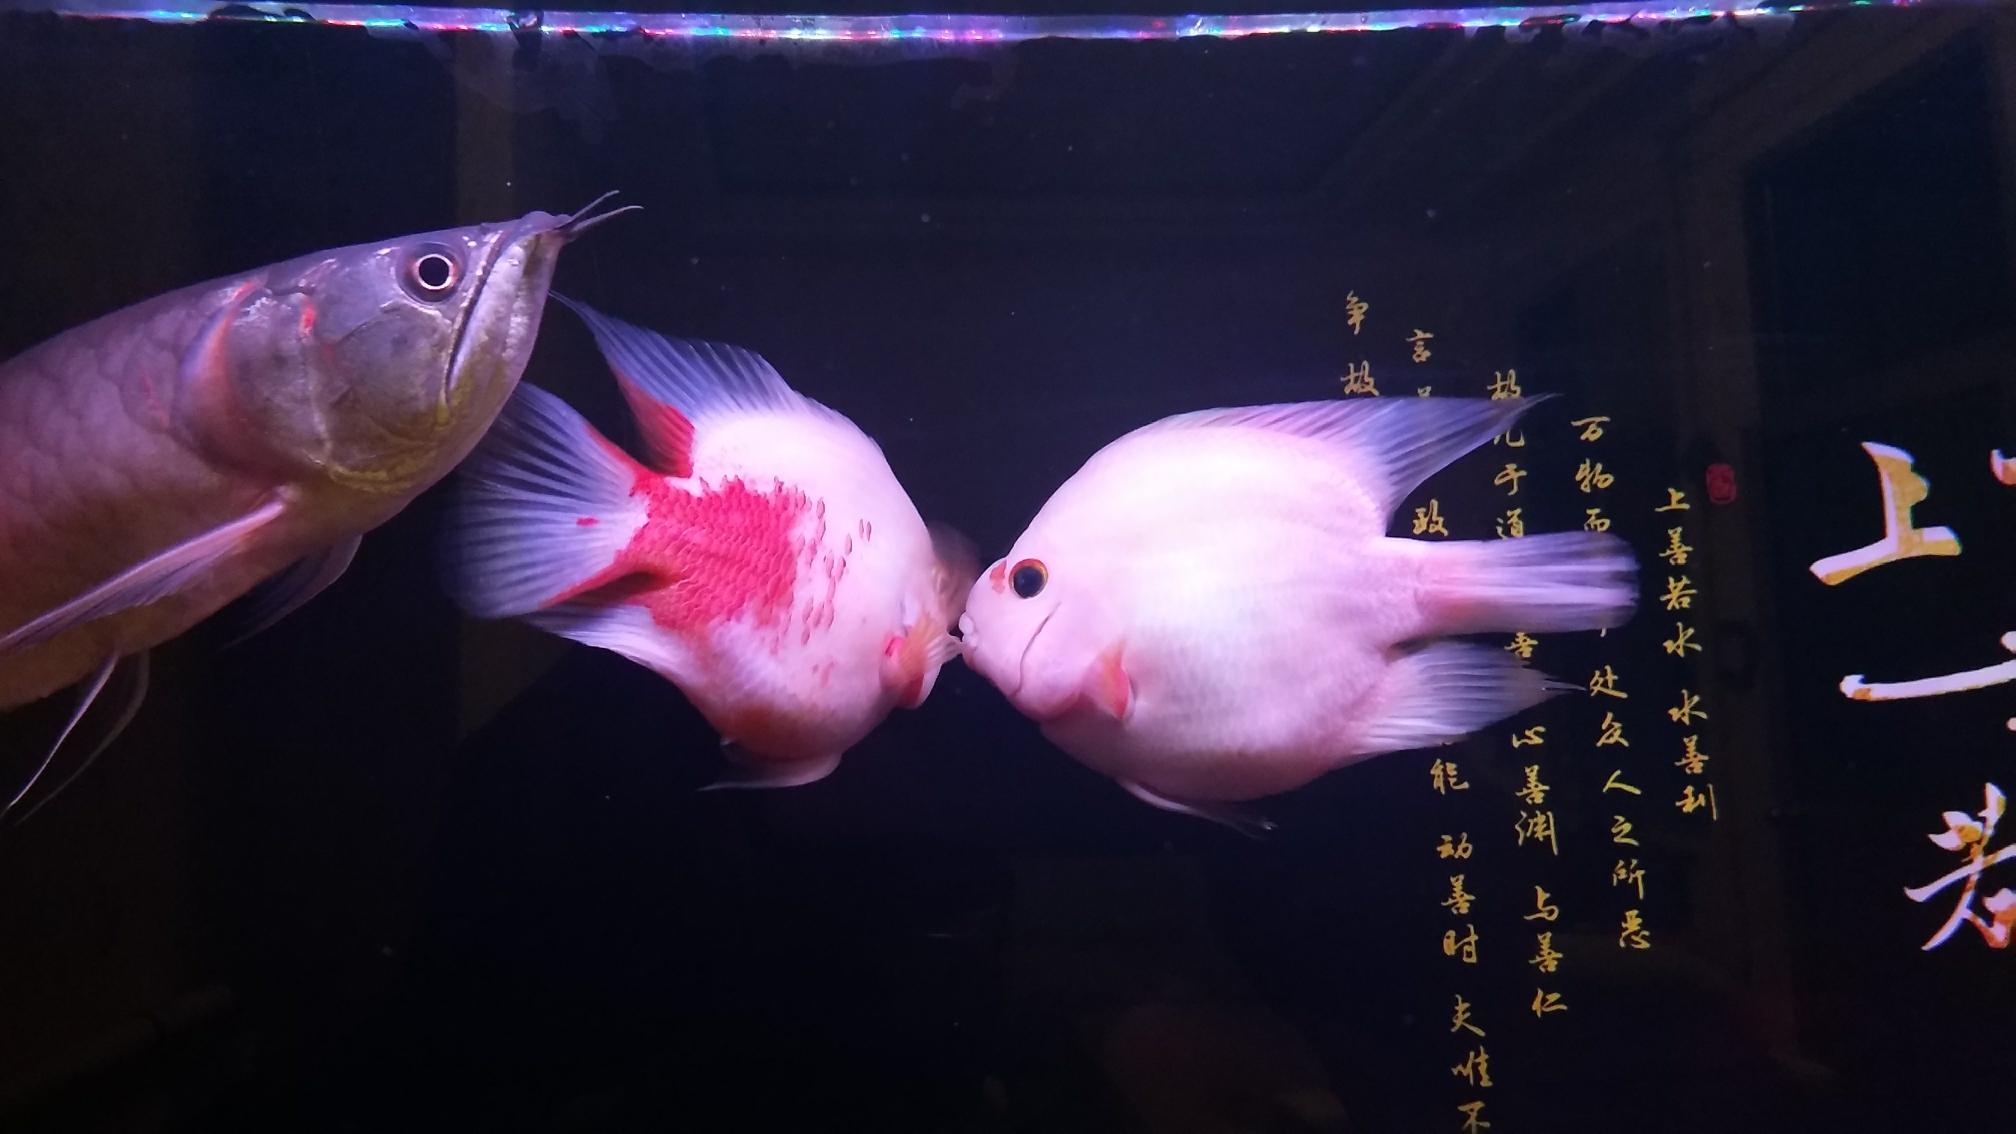 新添红白鹦鹉鱼 合肥观赏鱼 合肥龙鱼第8张